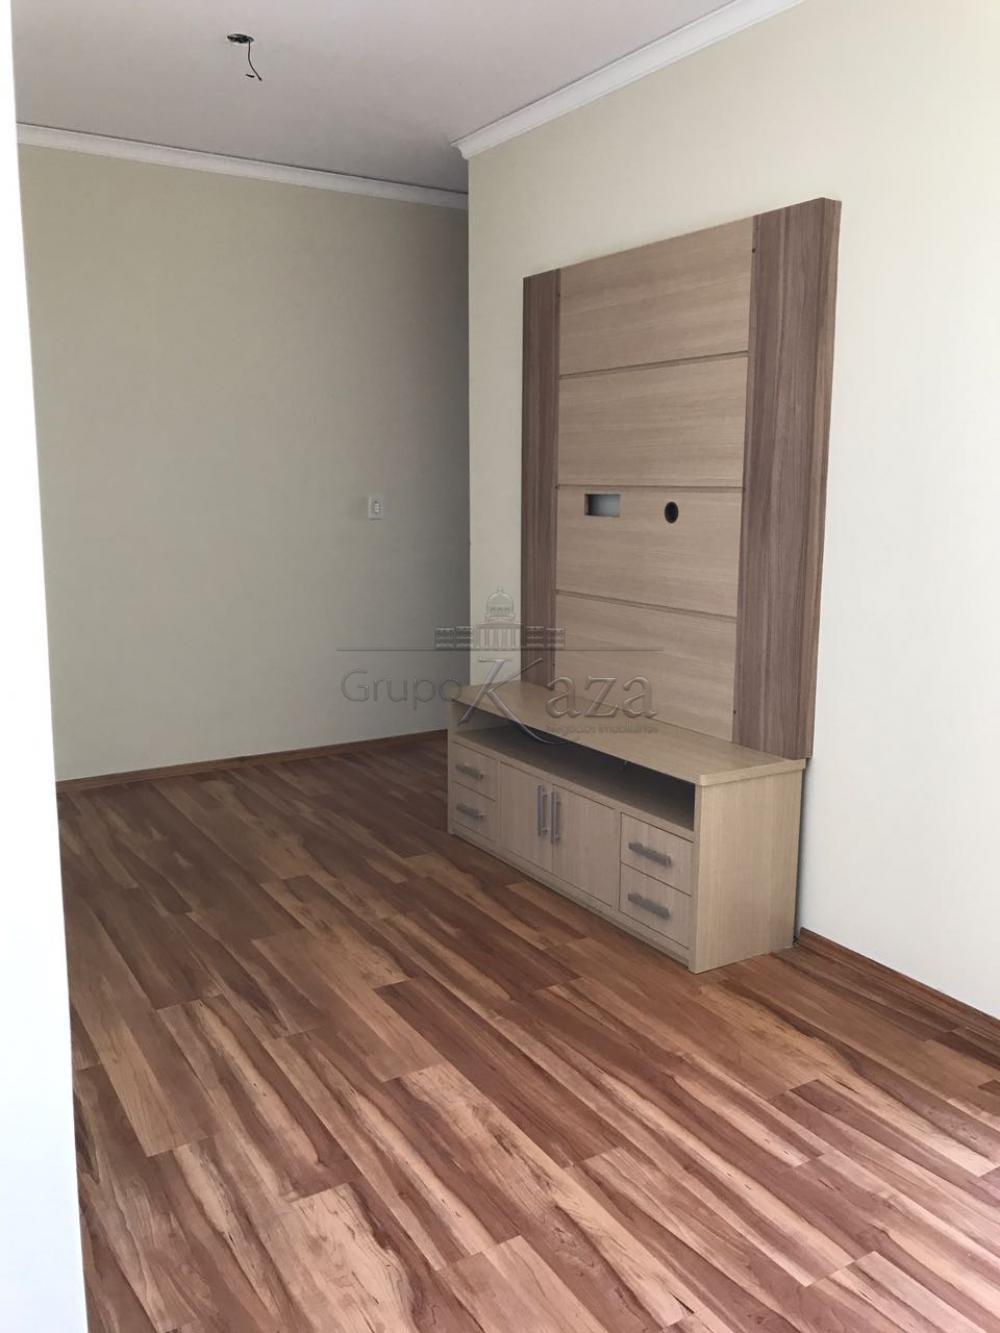 Alugar Apartamento / Padrão em São José dos Campos apenas R$ 900,00 - Foto 15